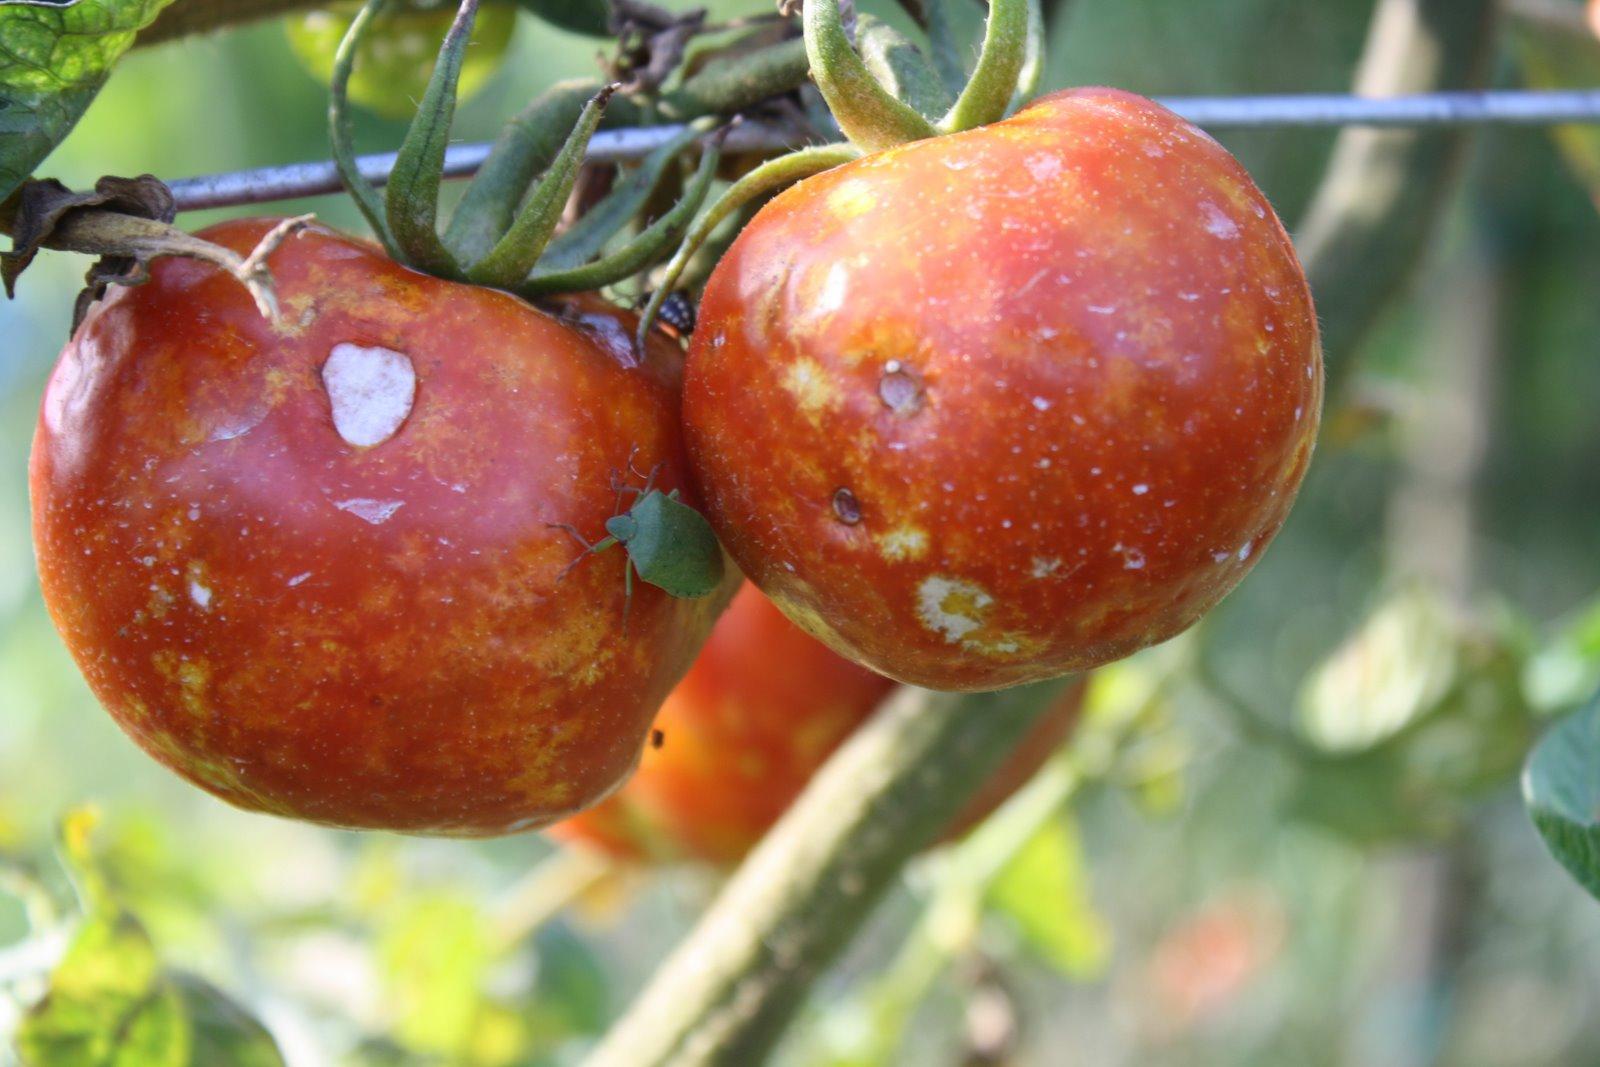 Pomodori marci grow the planet - Cimice del pomodoro ...